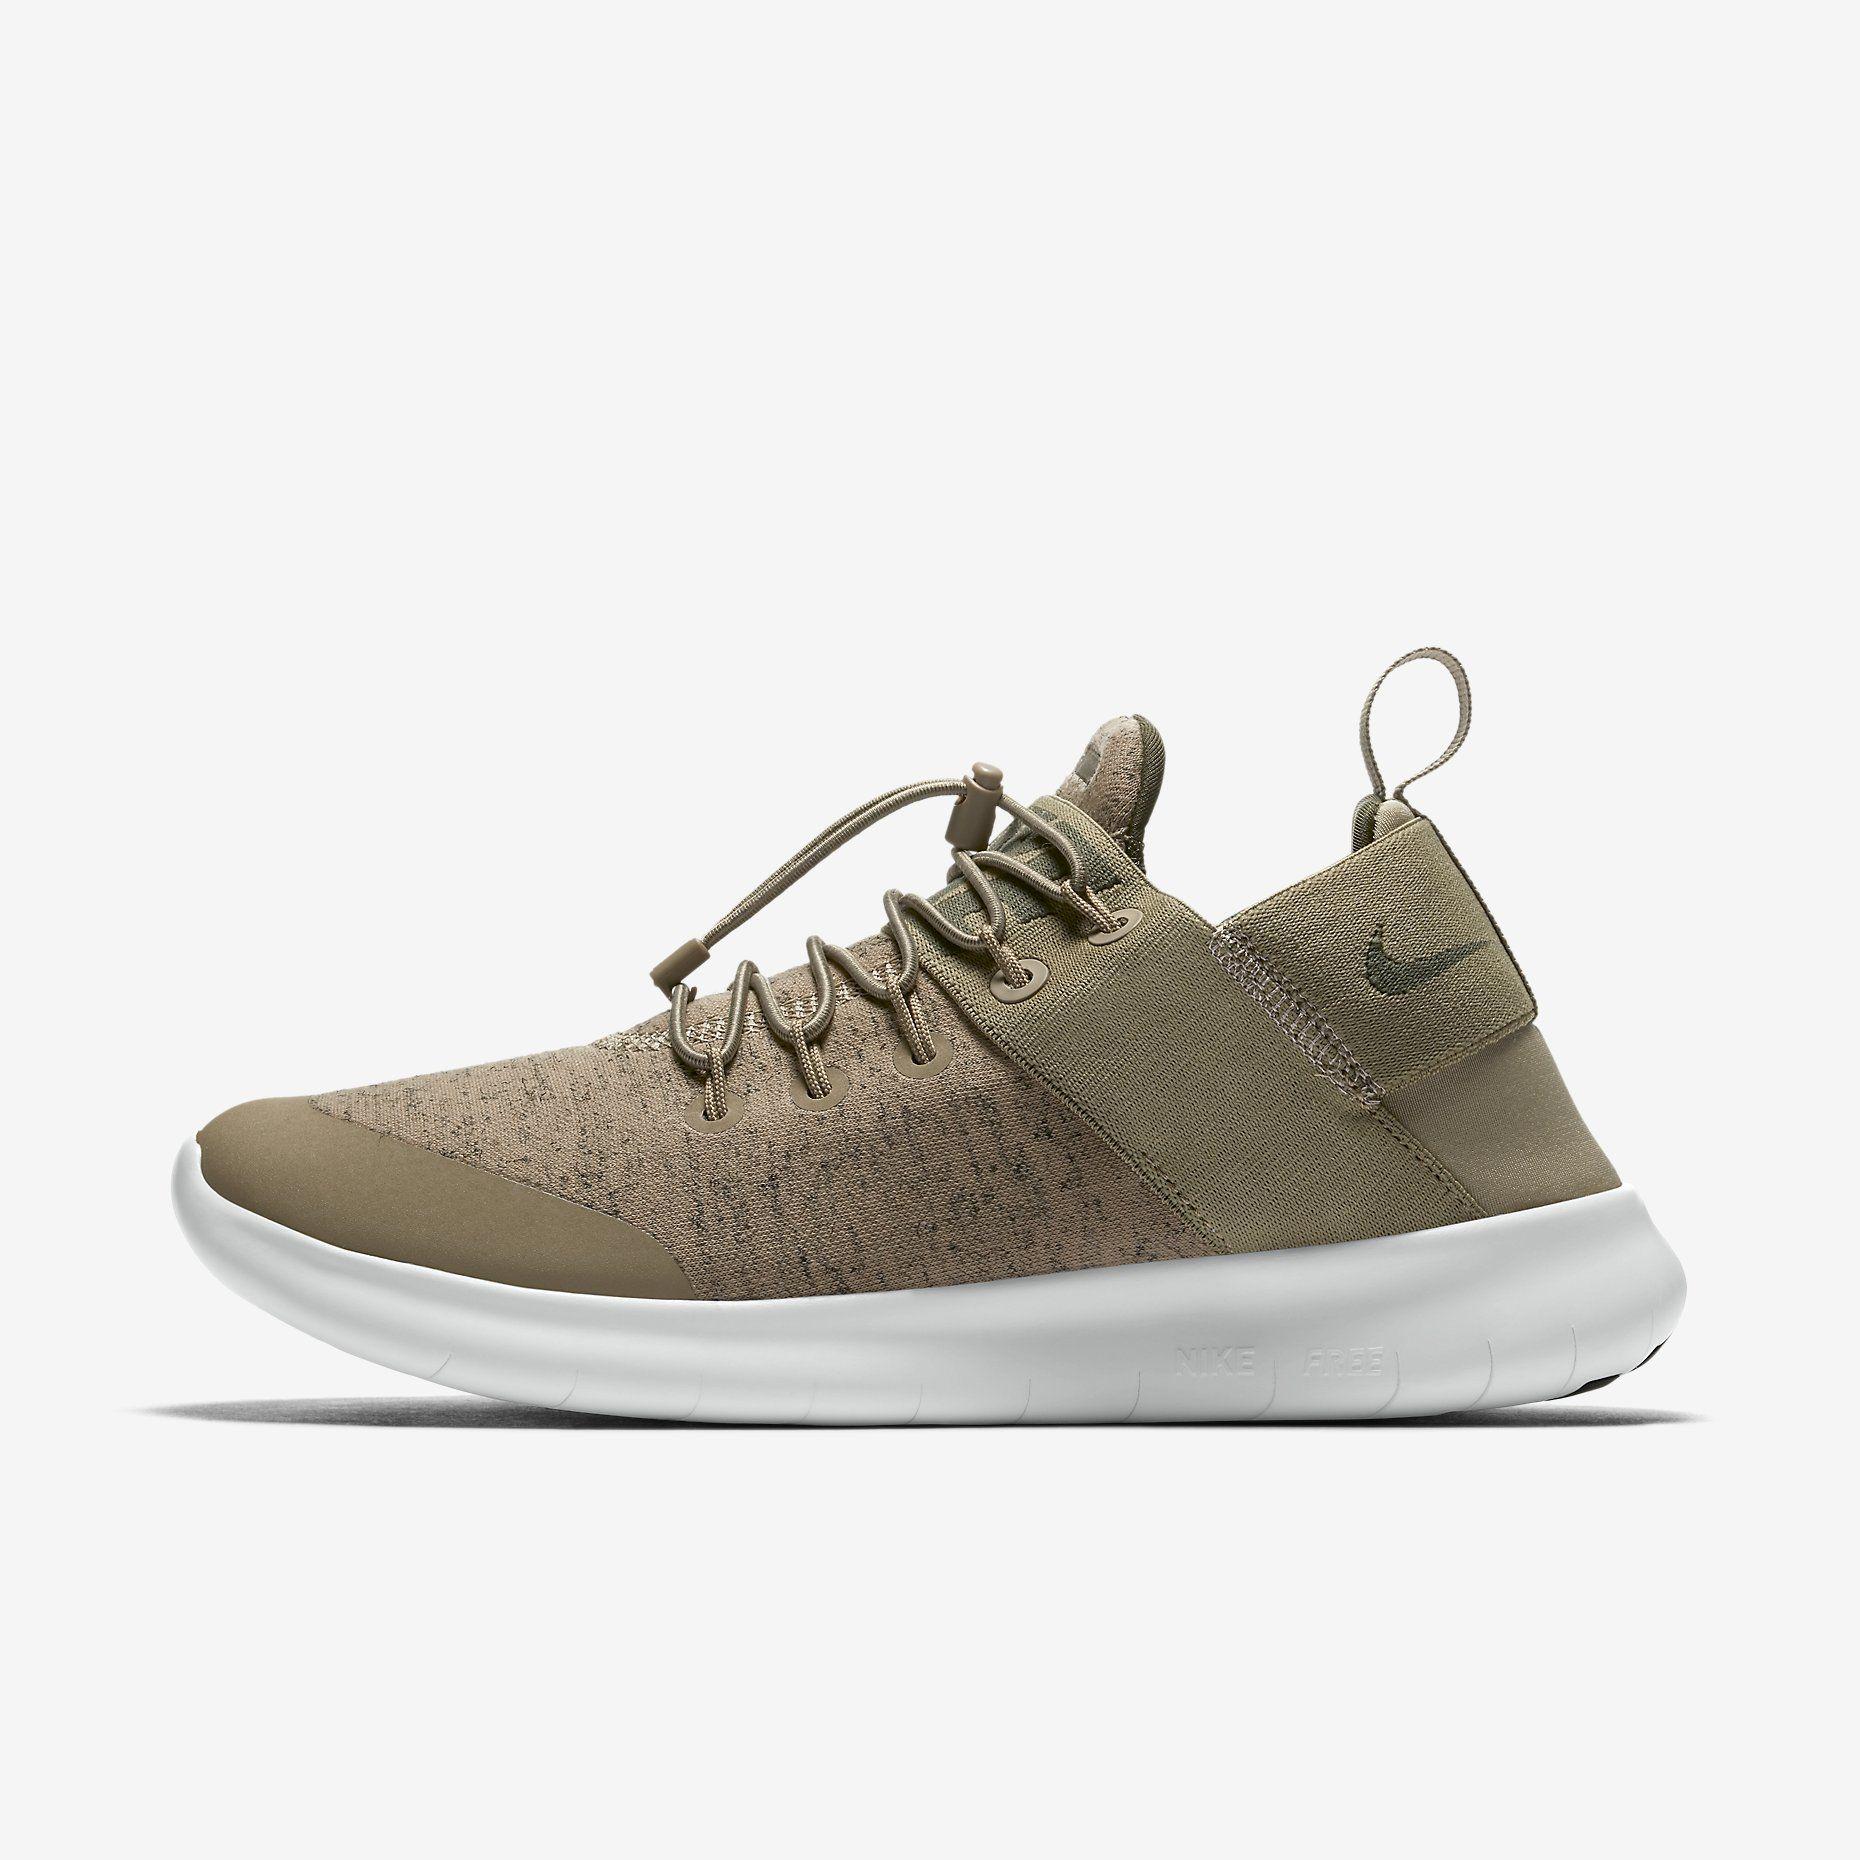 Nike Women's Free RN Commuter 2017 Premium Running Sneakers